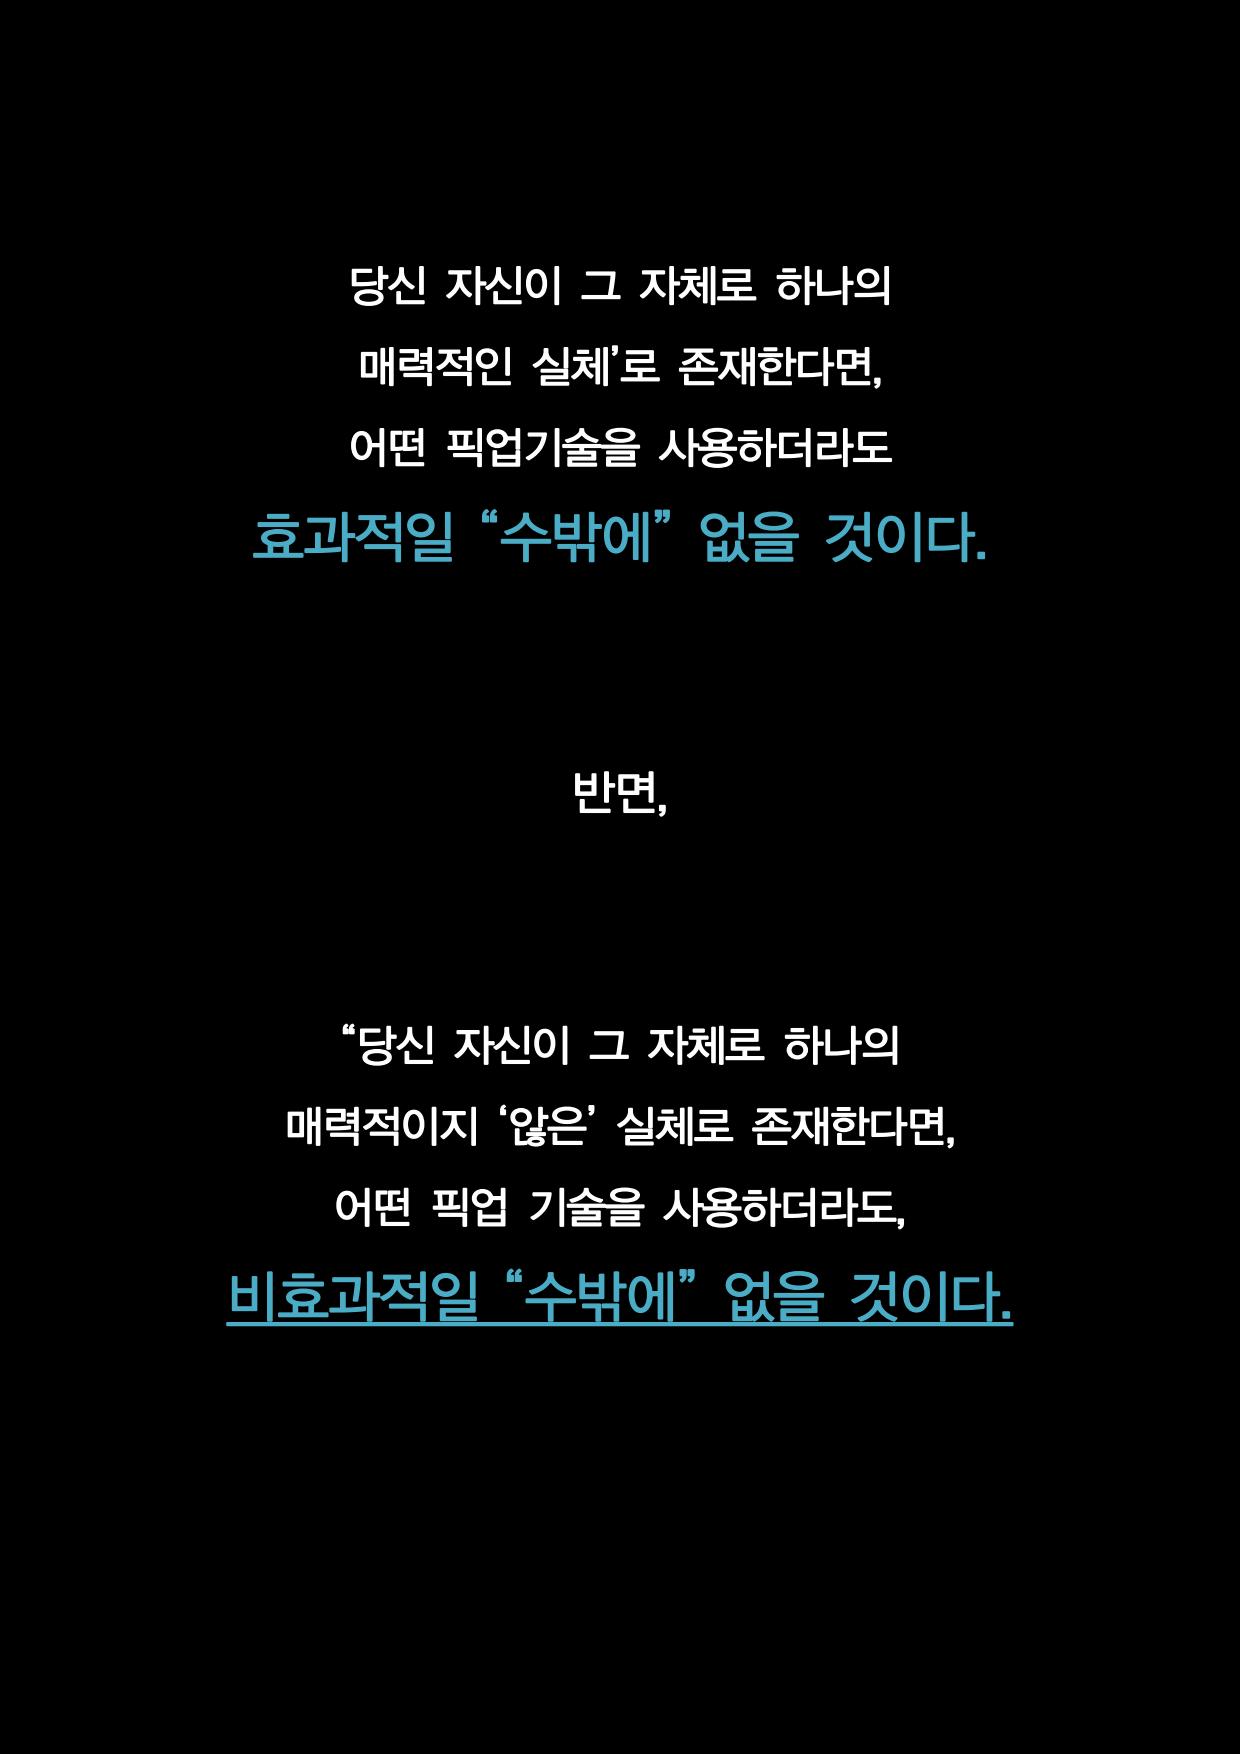 본 머티리어 1회차 홍보글 v3(수강후기 따로 편집요함)_07.png